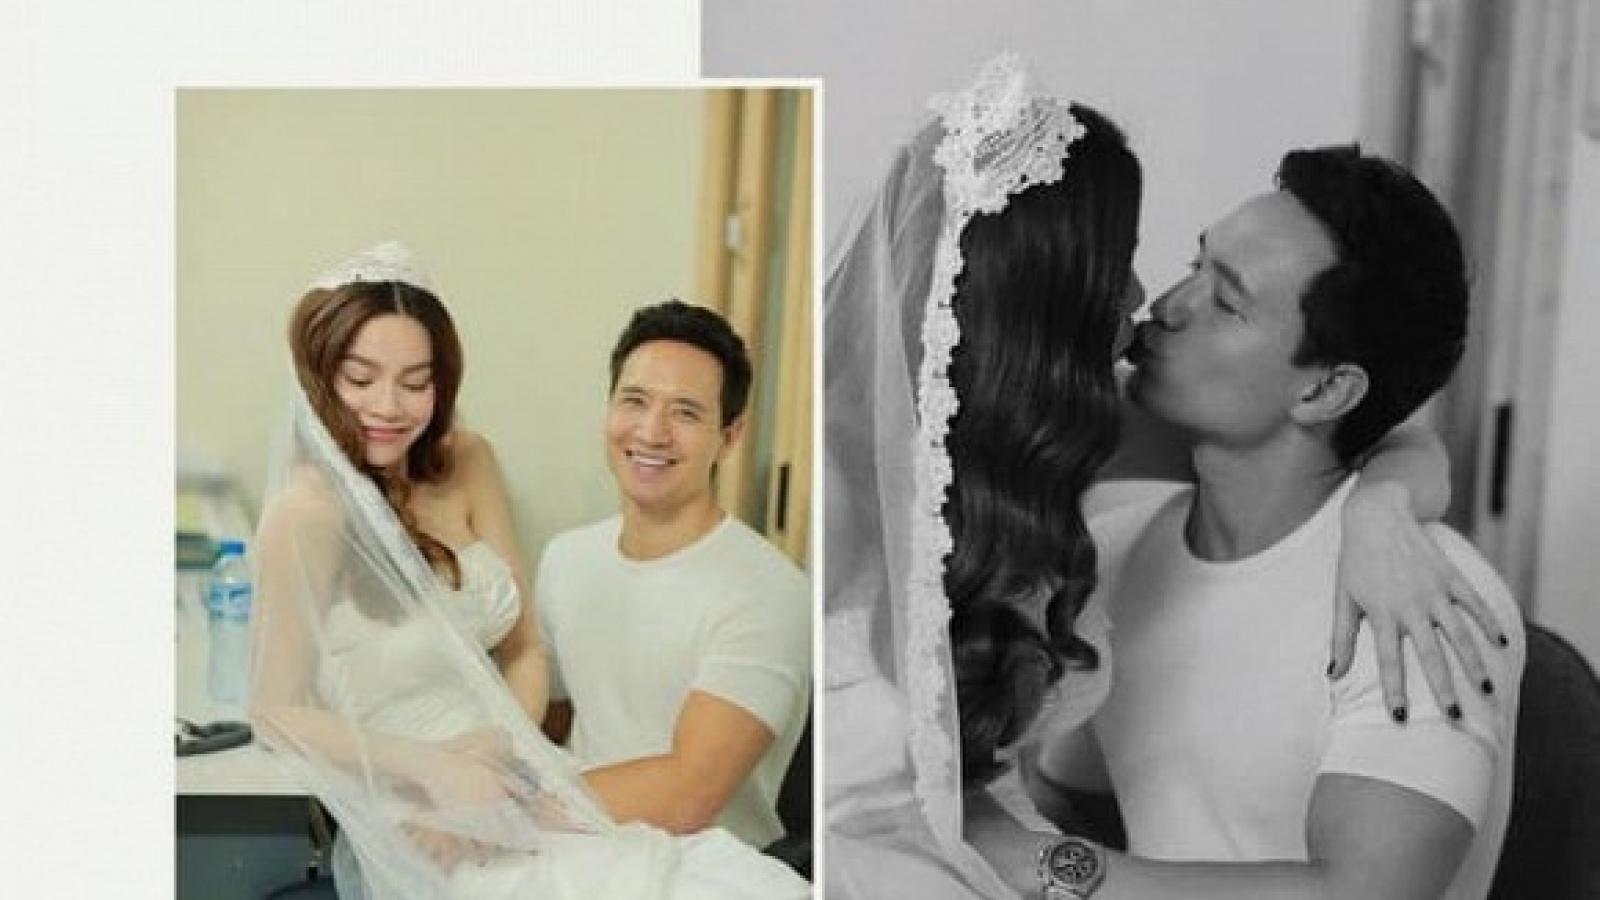 Chuyện showbiz: Hé lộ hậu trường chụp ảnh cưới ngọt ngào của Hồ Ngọc Hà và Kim Lý